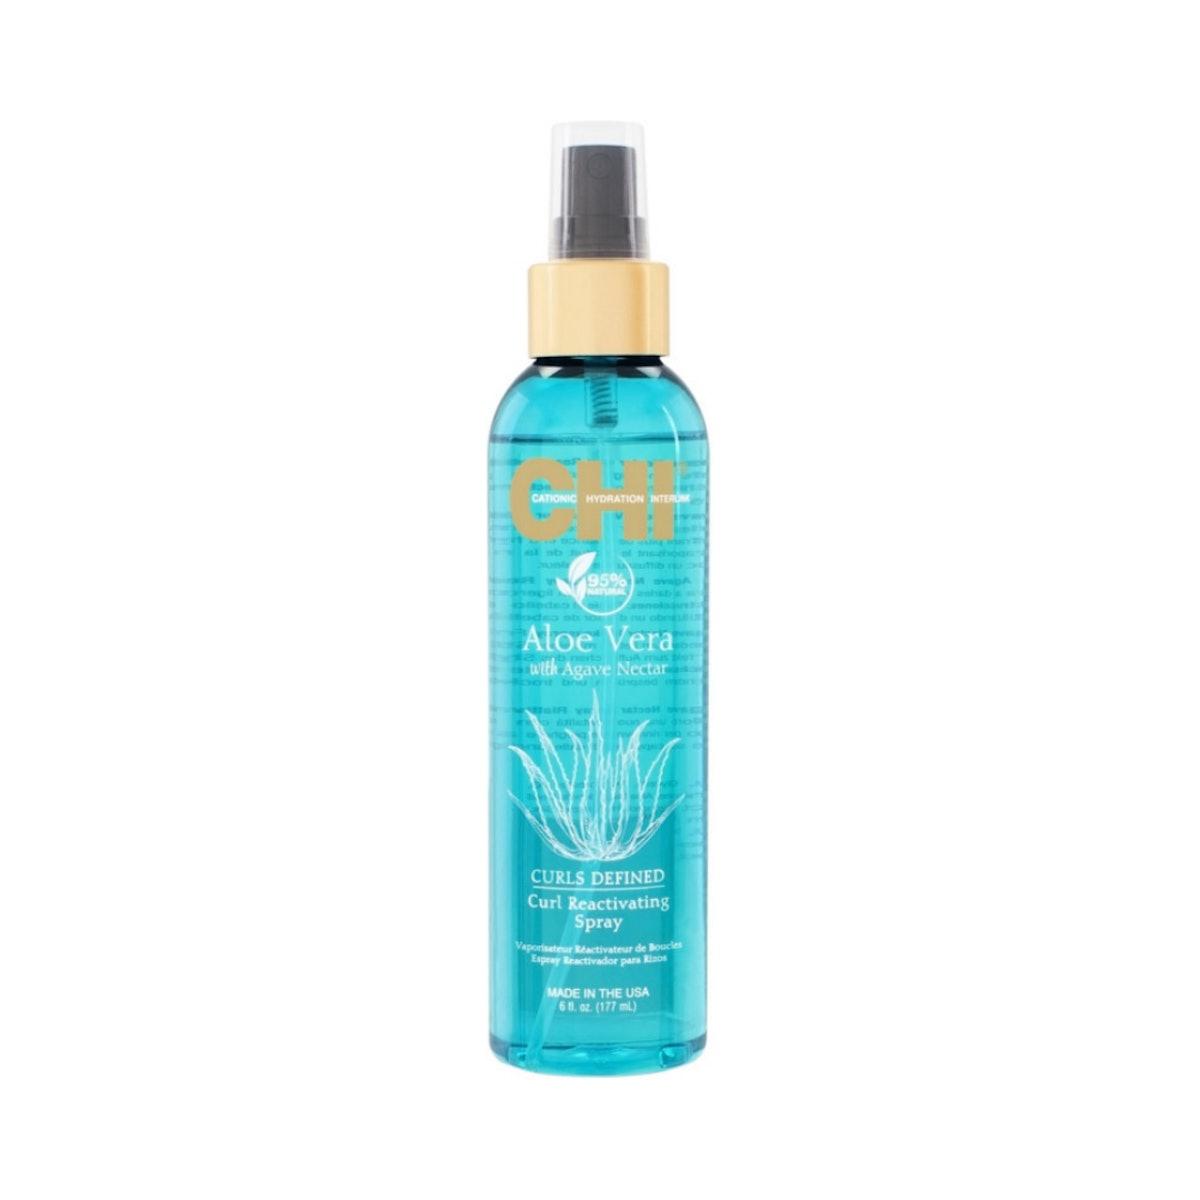 Aloe Vera Curl Reactivating Spray